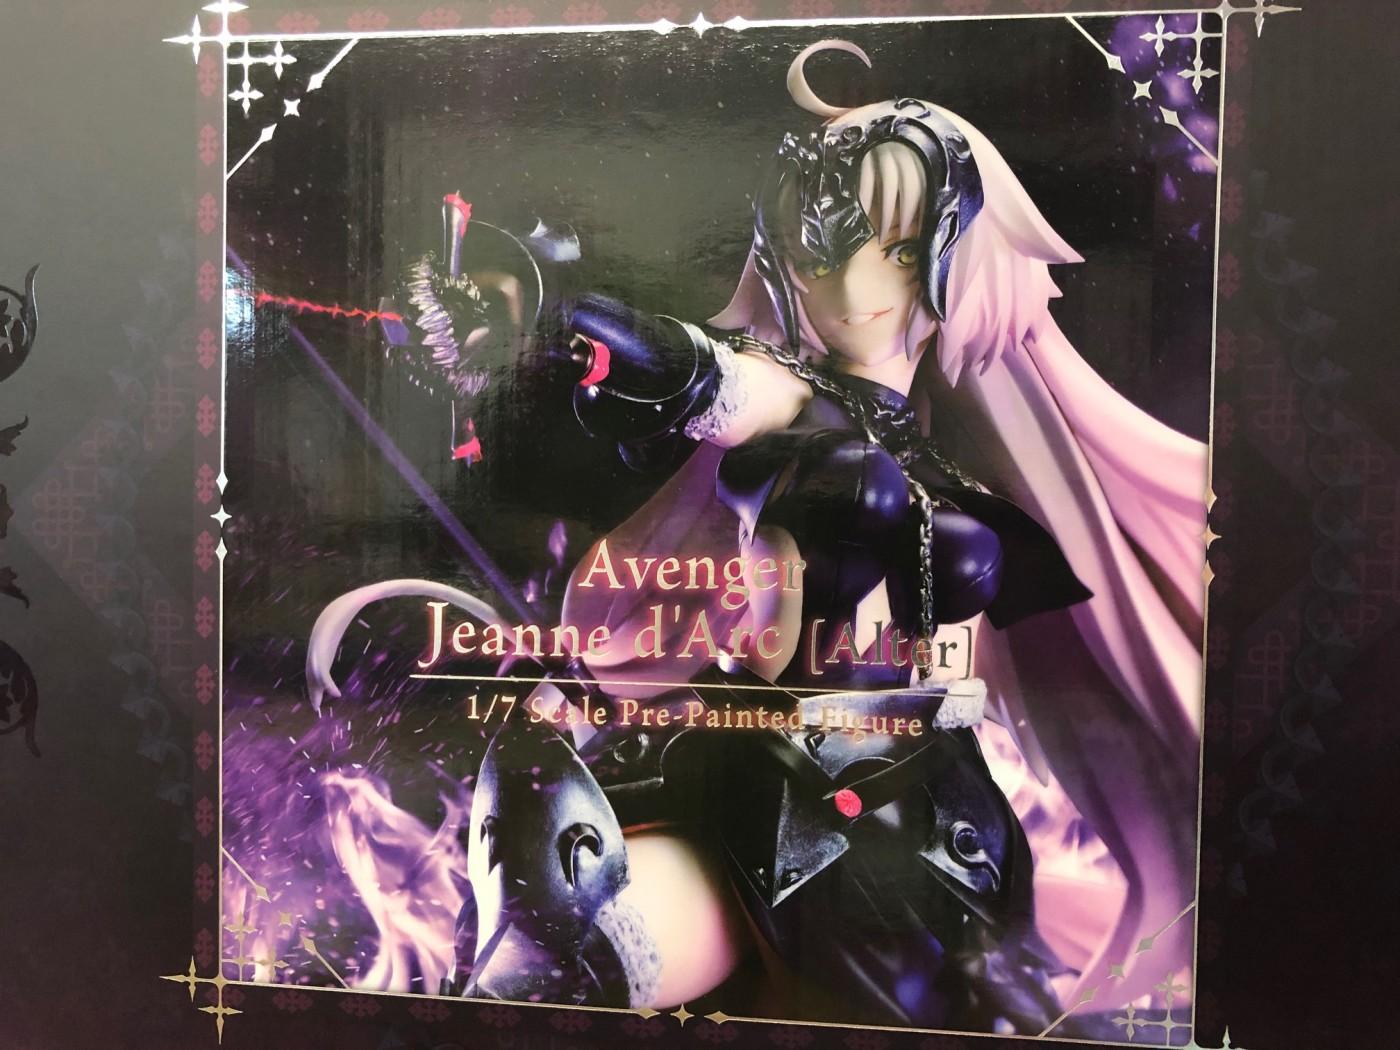 買取情報『Fate/GrandOrder「アヴェンジャー/ジャンヌ・ダルク[オルタ]昏き焔を纏いし竜の魔女』